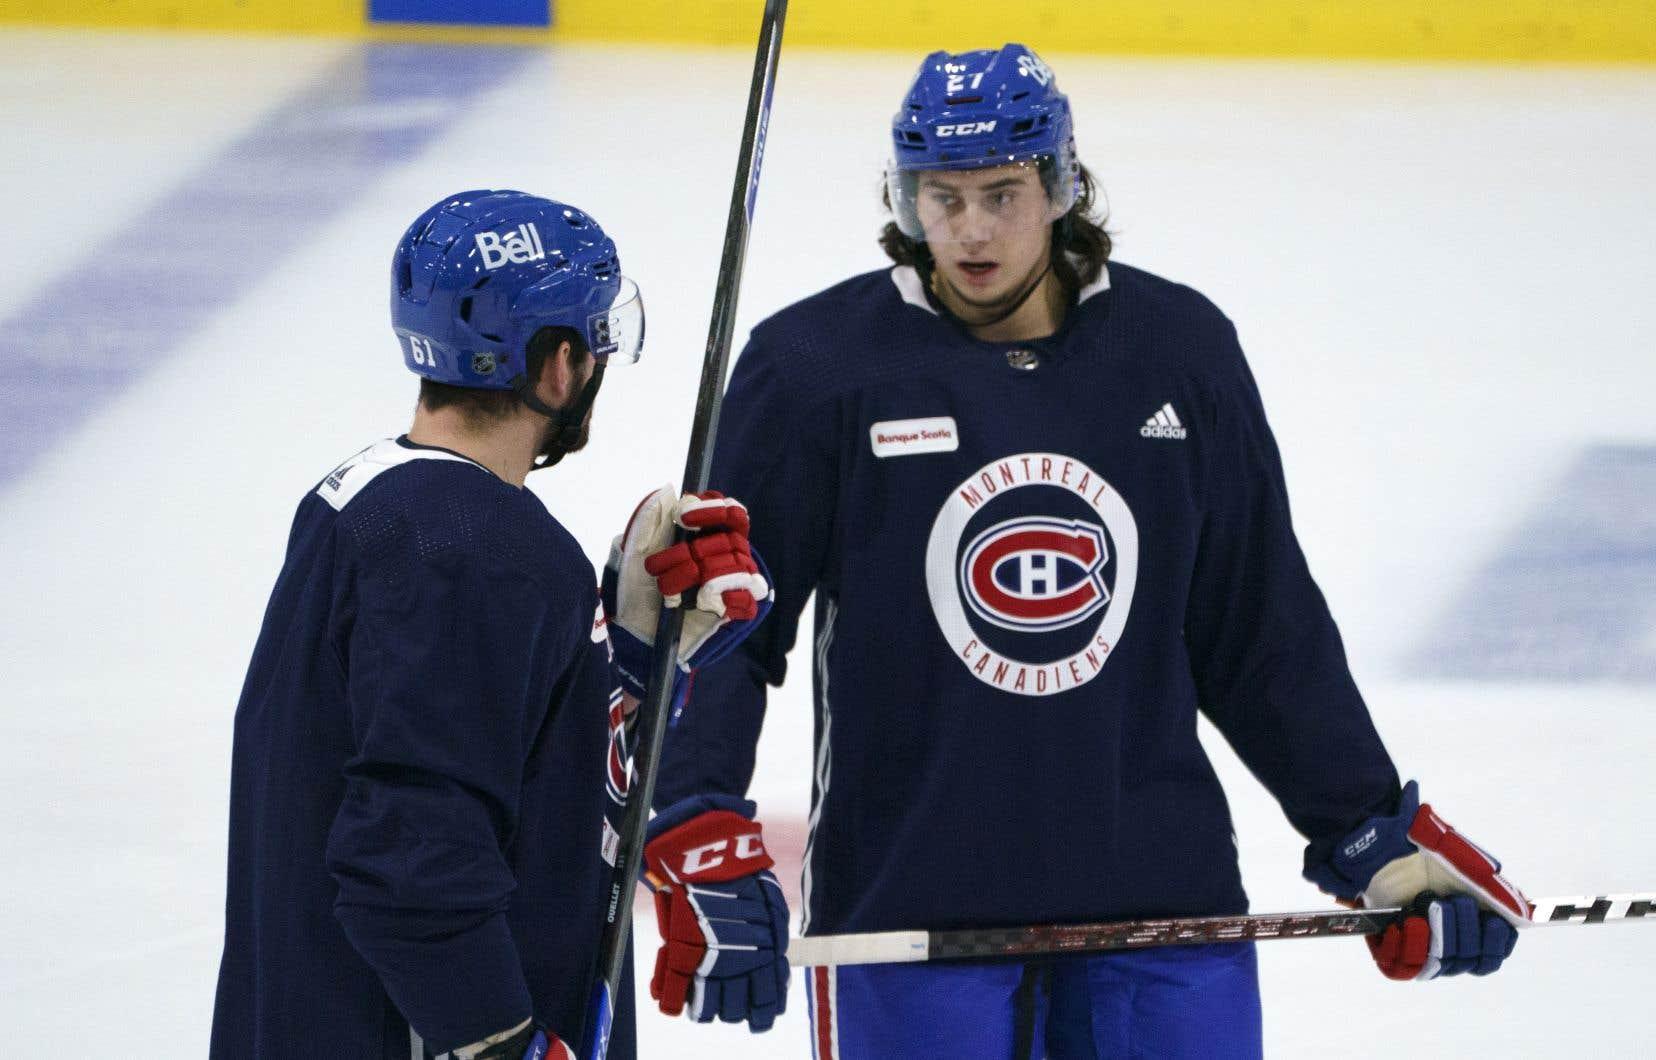 Romanov a semblé à son aise sur la patinoire dimanche soir. Il a bien dirigé son unité d'avantage numérique, décochant de bons tirs vers le filet de Jake Allen.